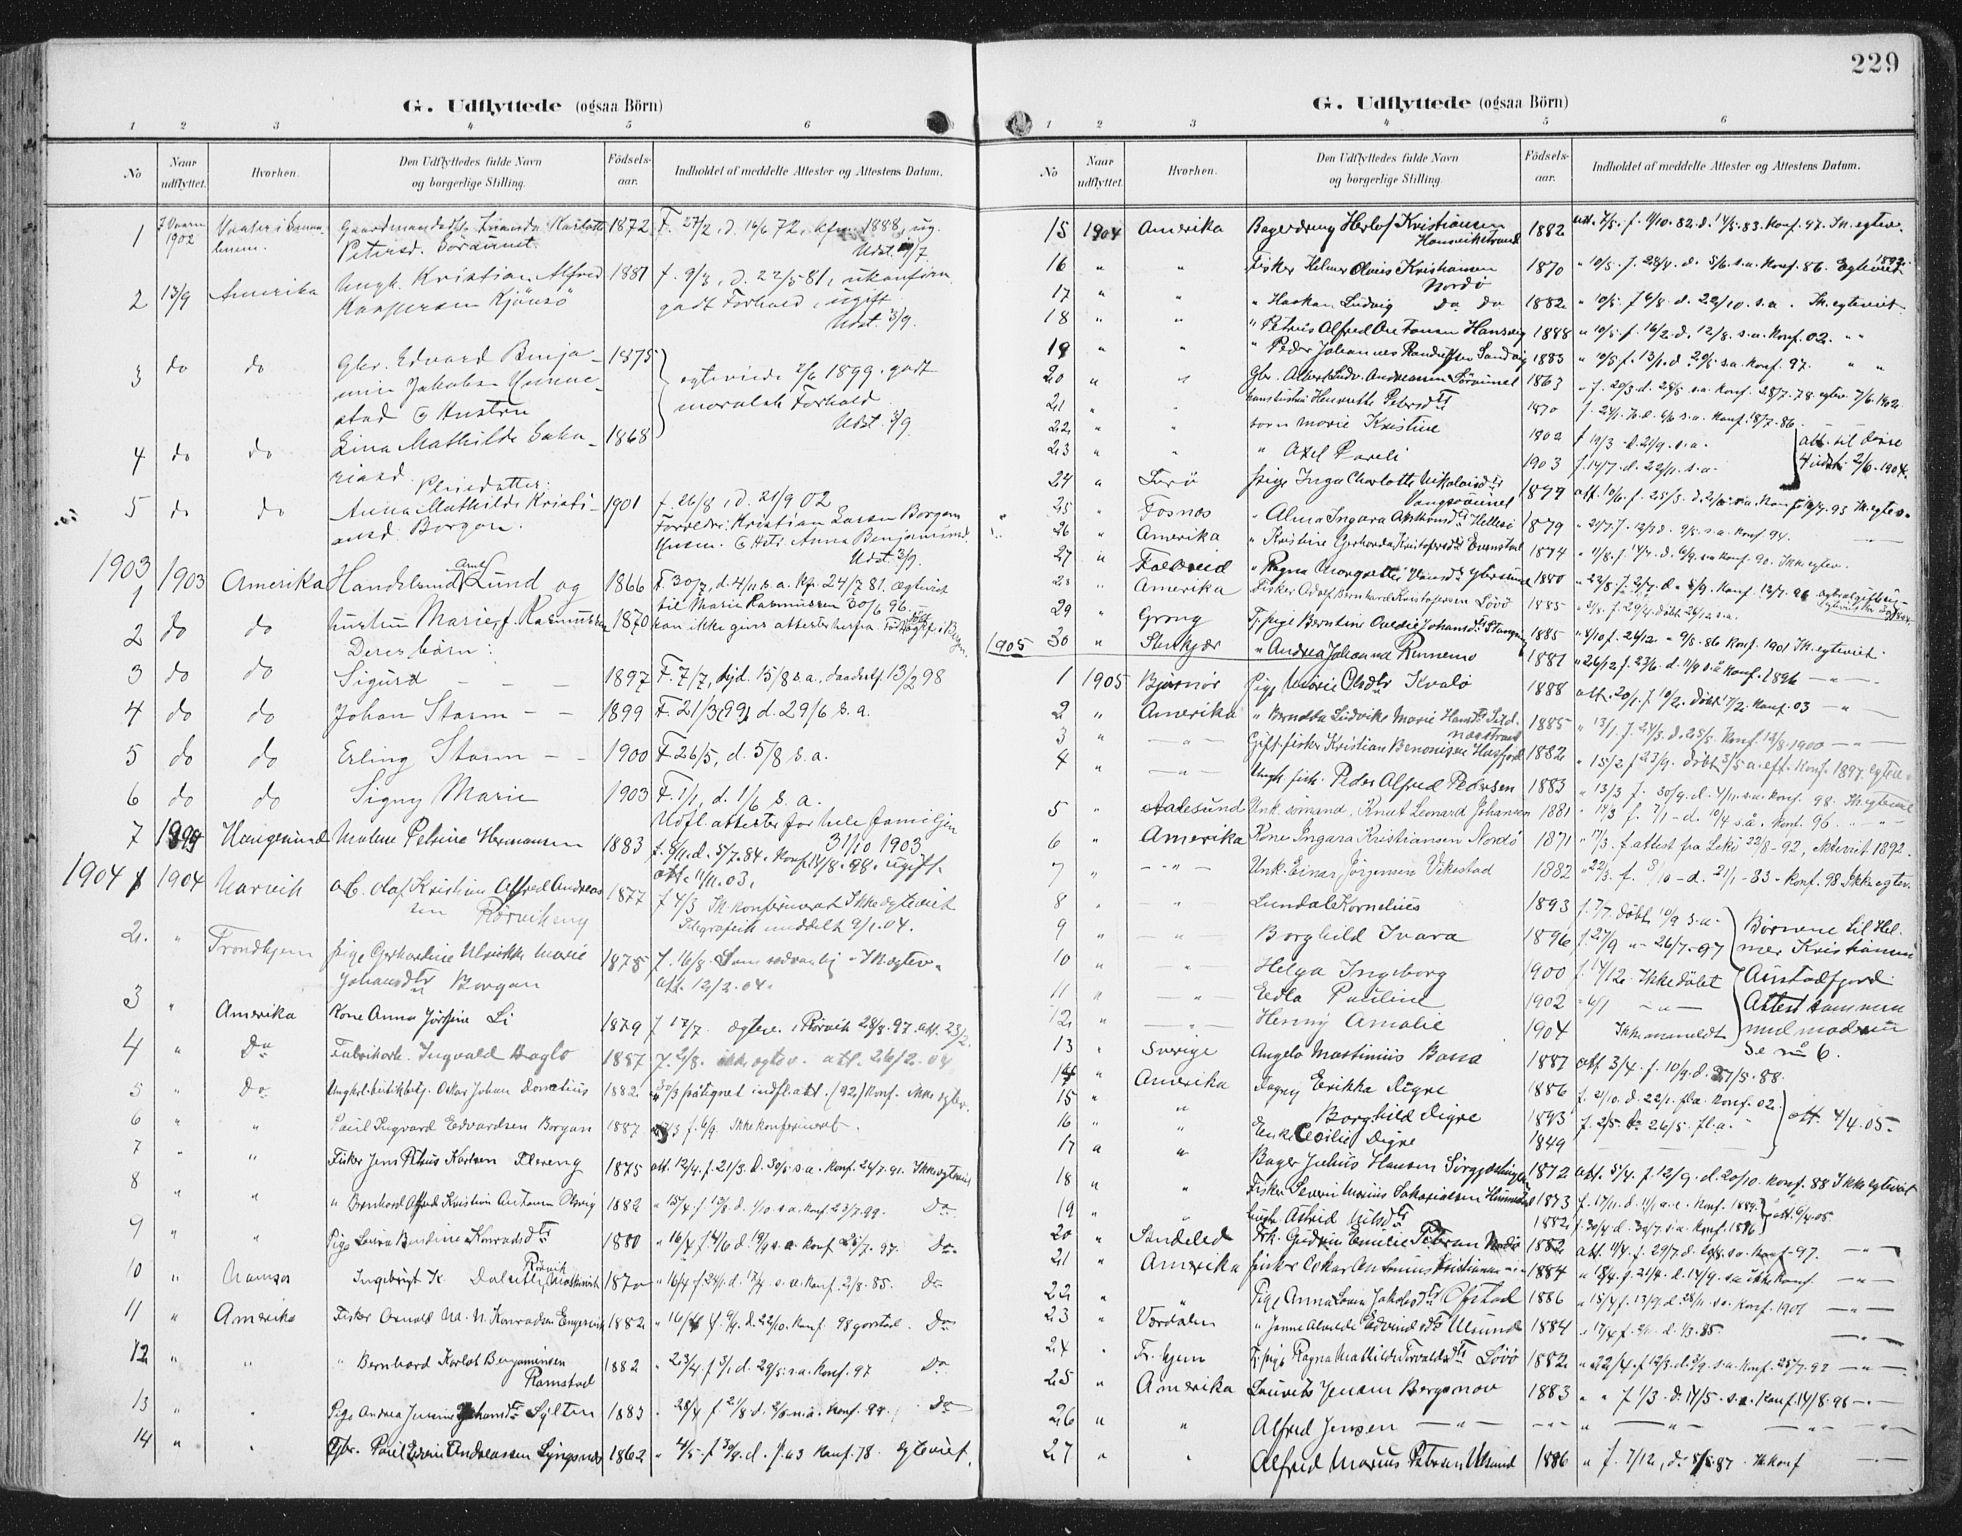 SAT, Ministerialprotokoller, klokkerbøker og fødselsregistre - Nord-Trøndelag, 786/L0688: Ministerialbok nr. 786A04, 1899-1912, s. 229